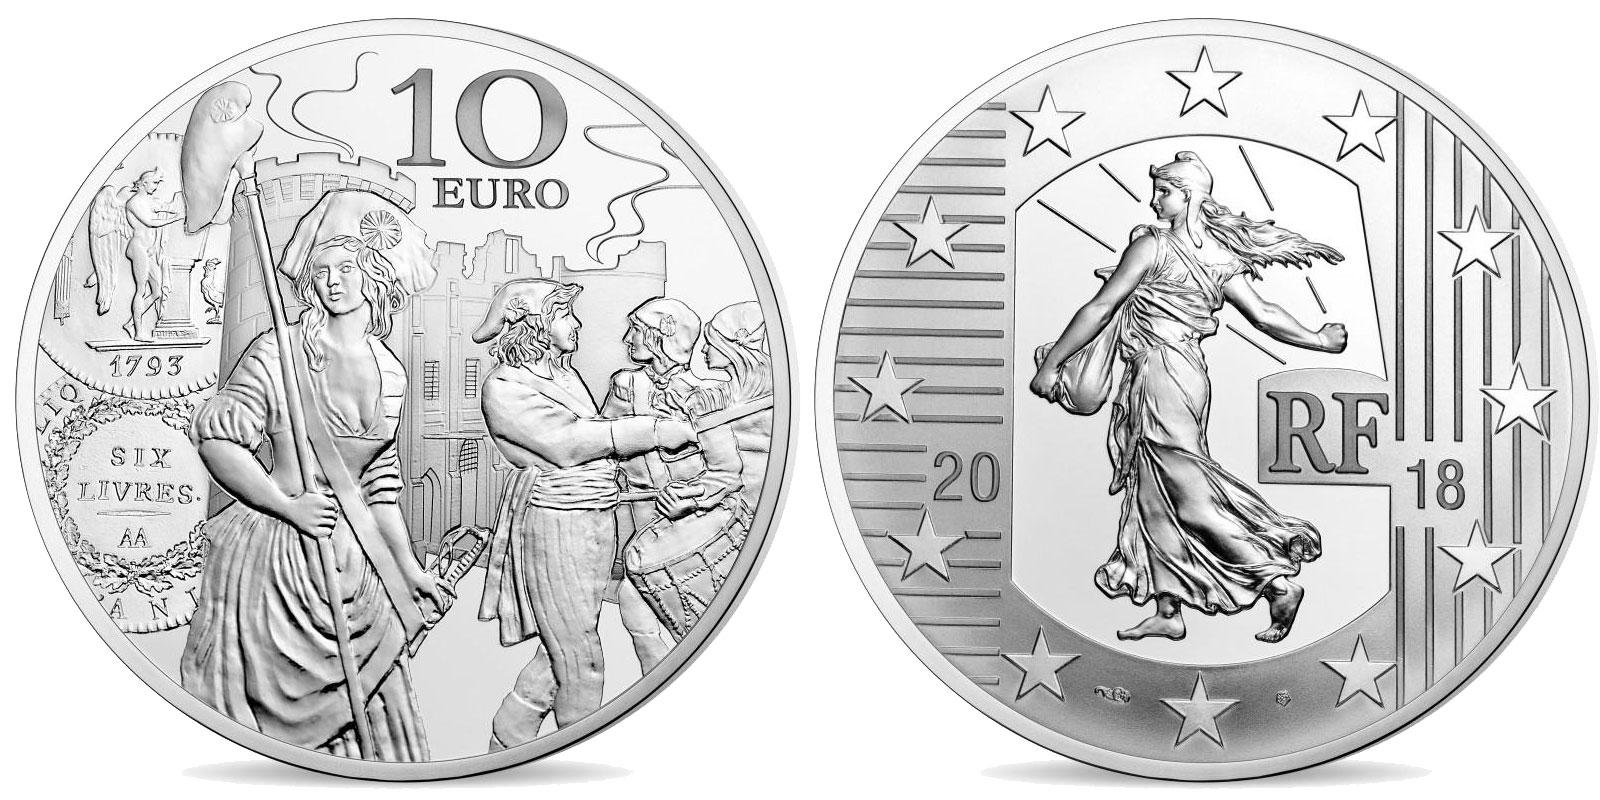 L'écu de 6 livres monnaie de 10 € argent 2018